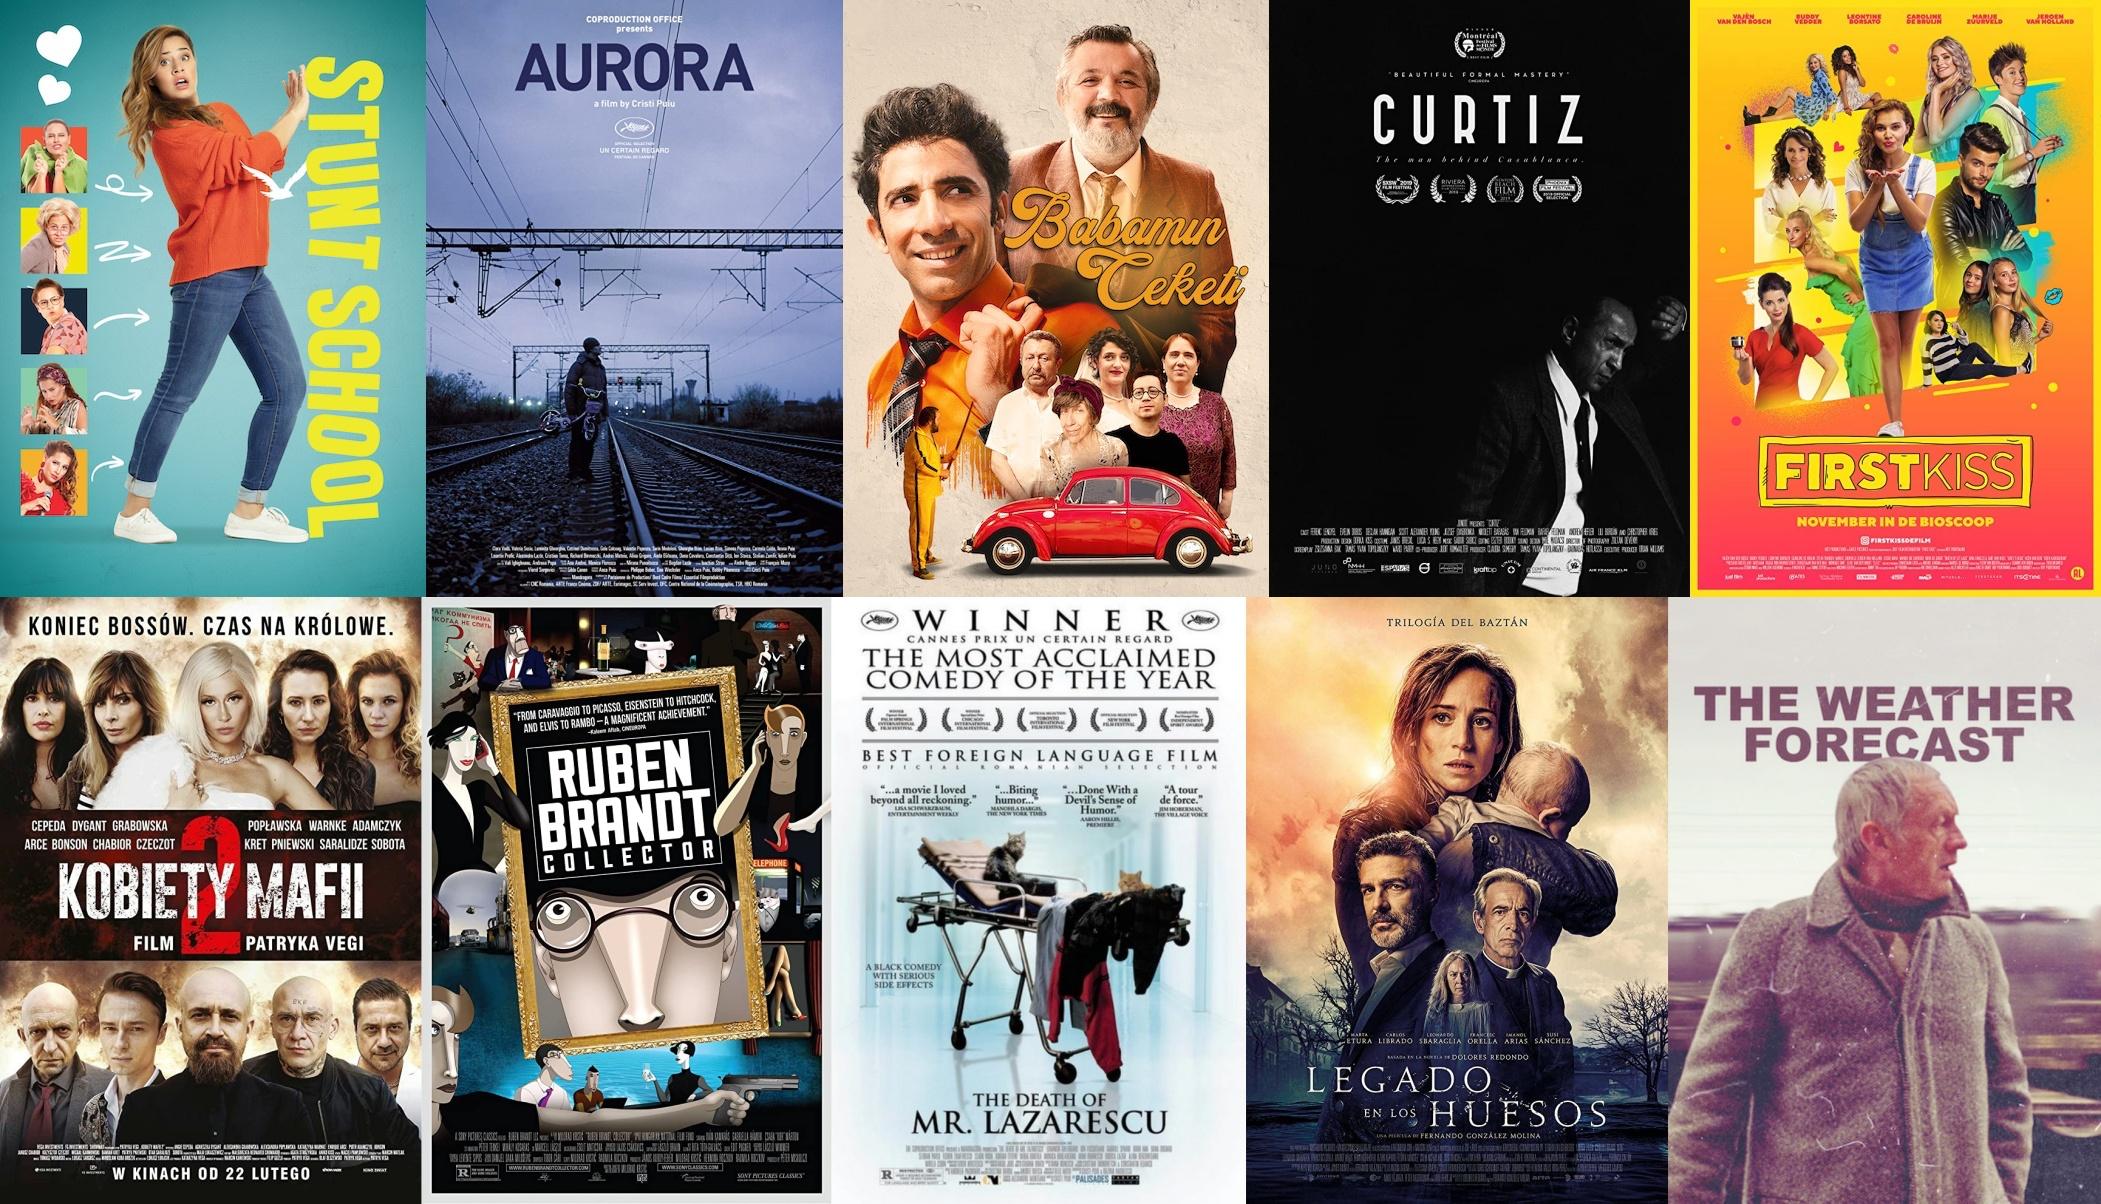 Netflixで言語設定を英語に変更すると視聴可能な映画(ヨーロッパ映画編)